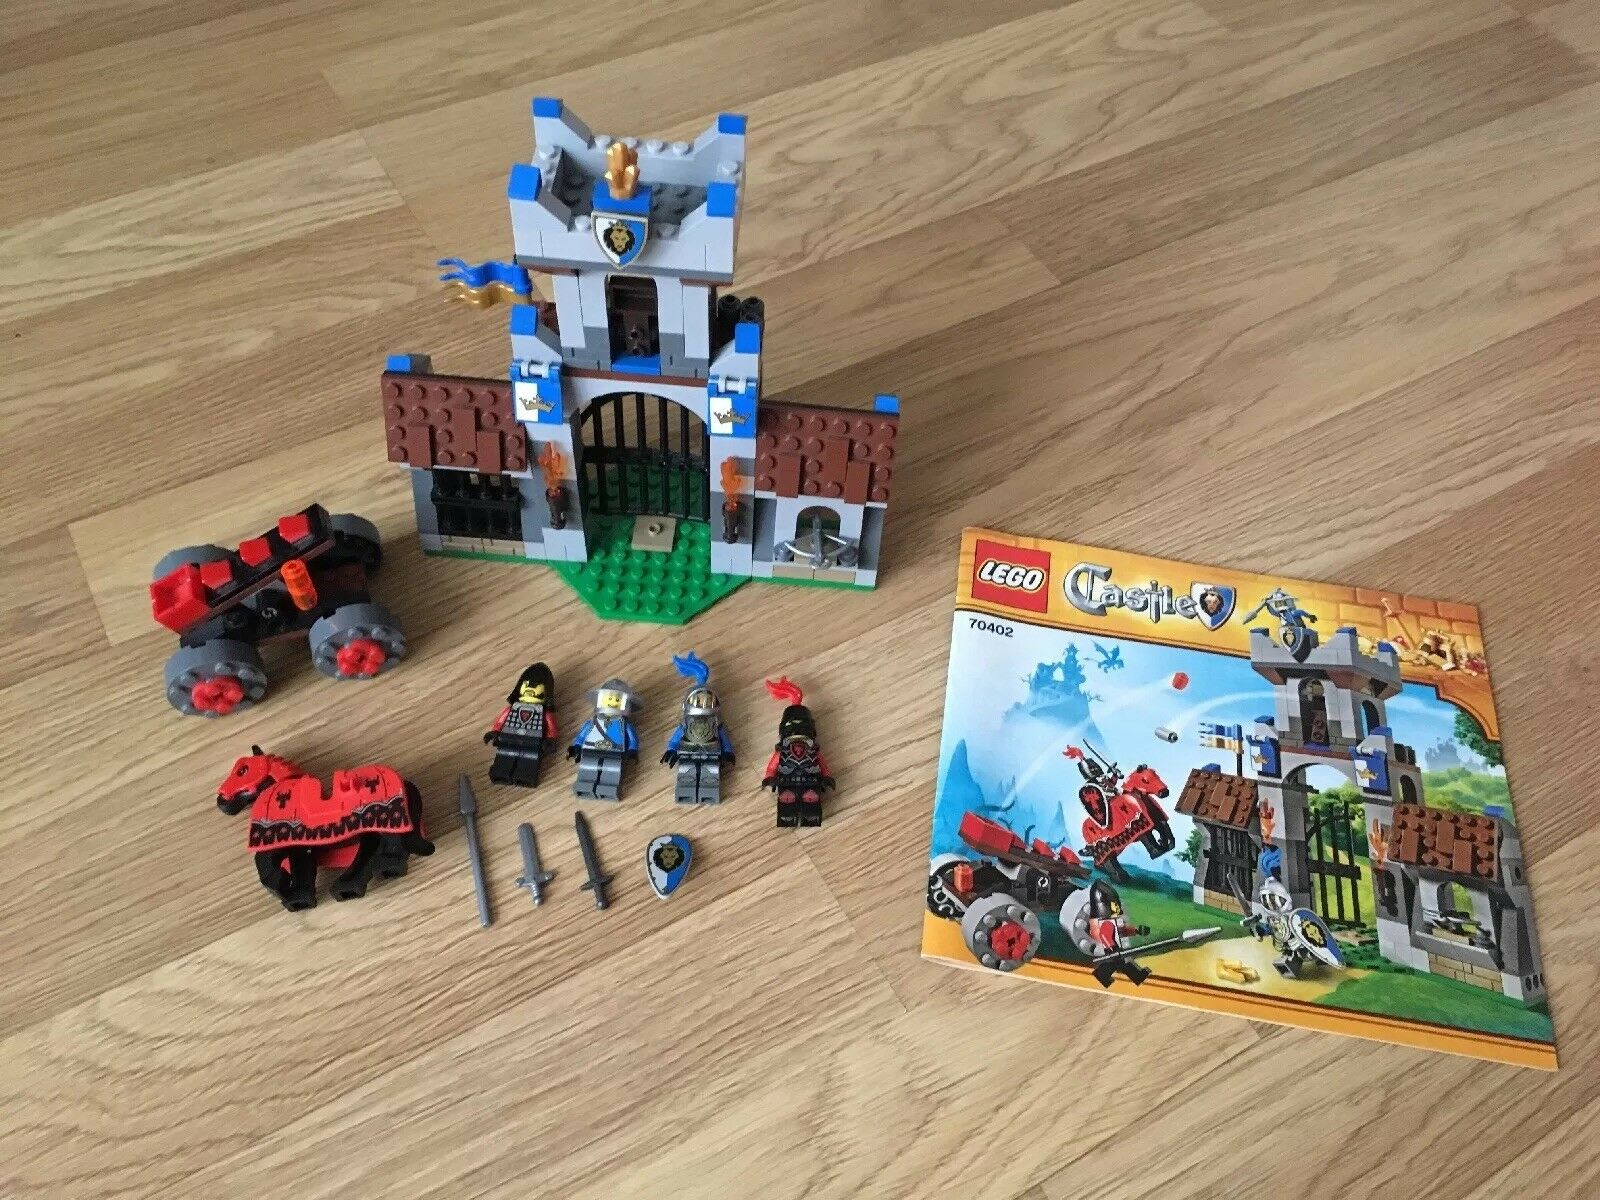 Lego Castle Gatehouse Raid Set No 70402 Complete